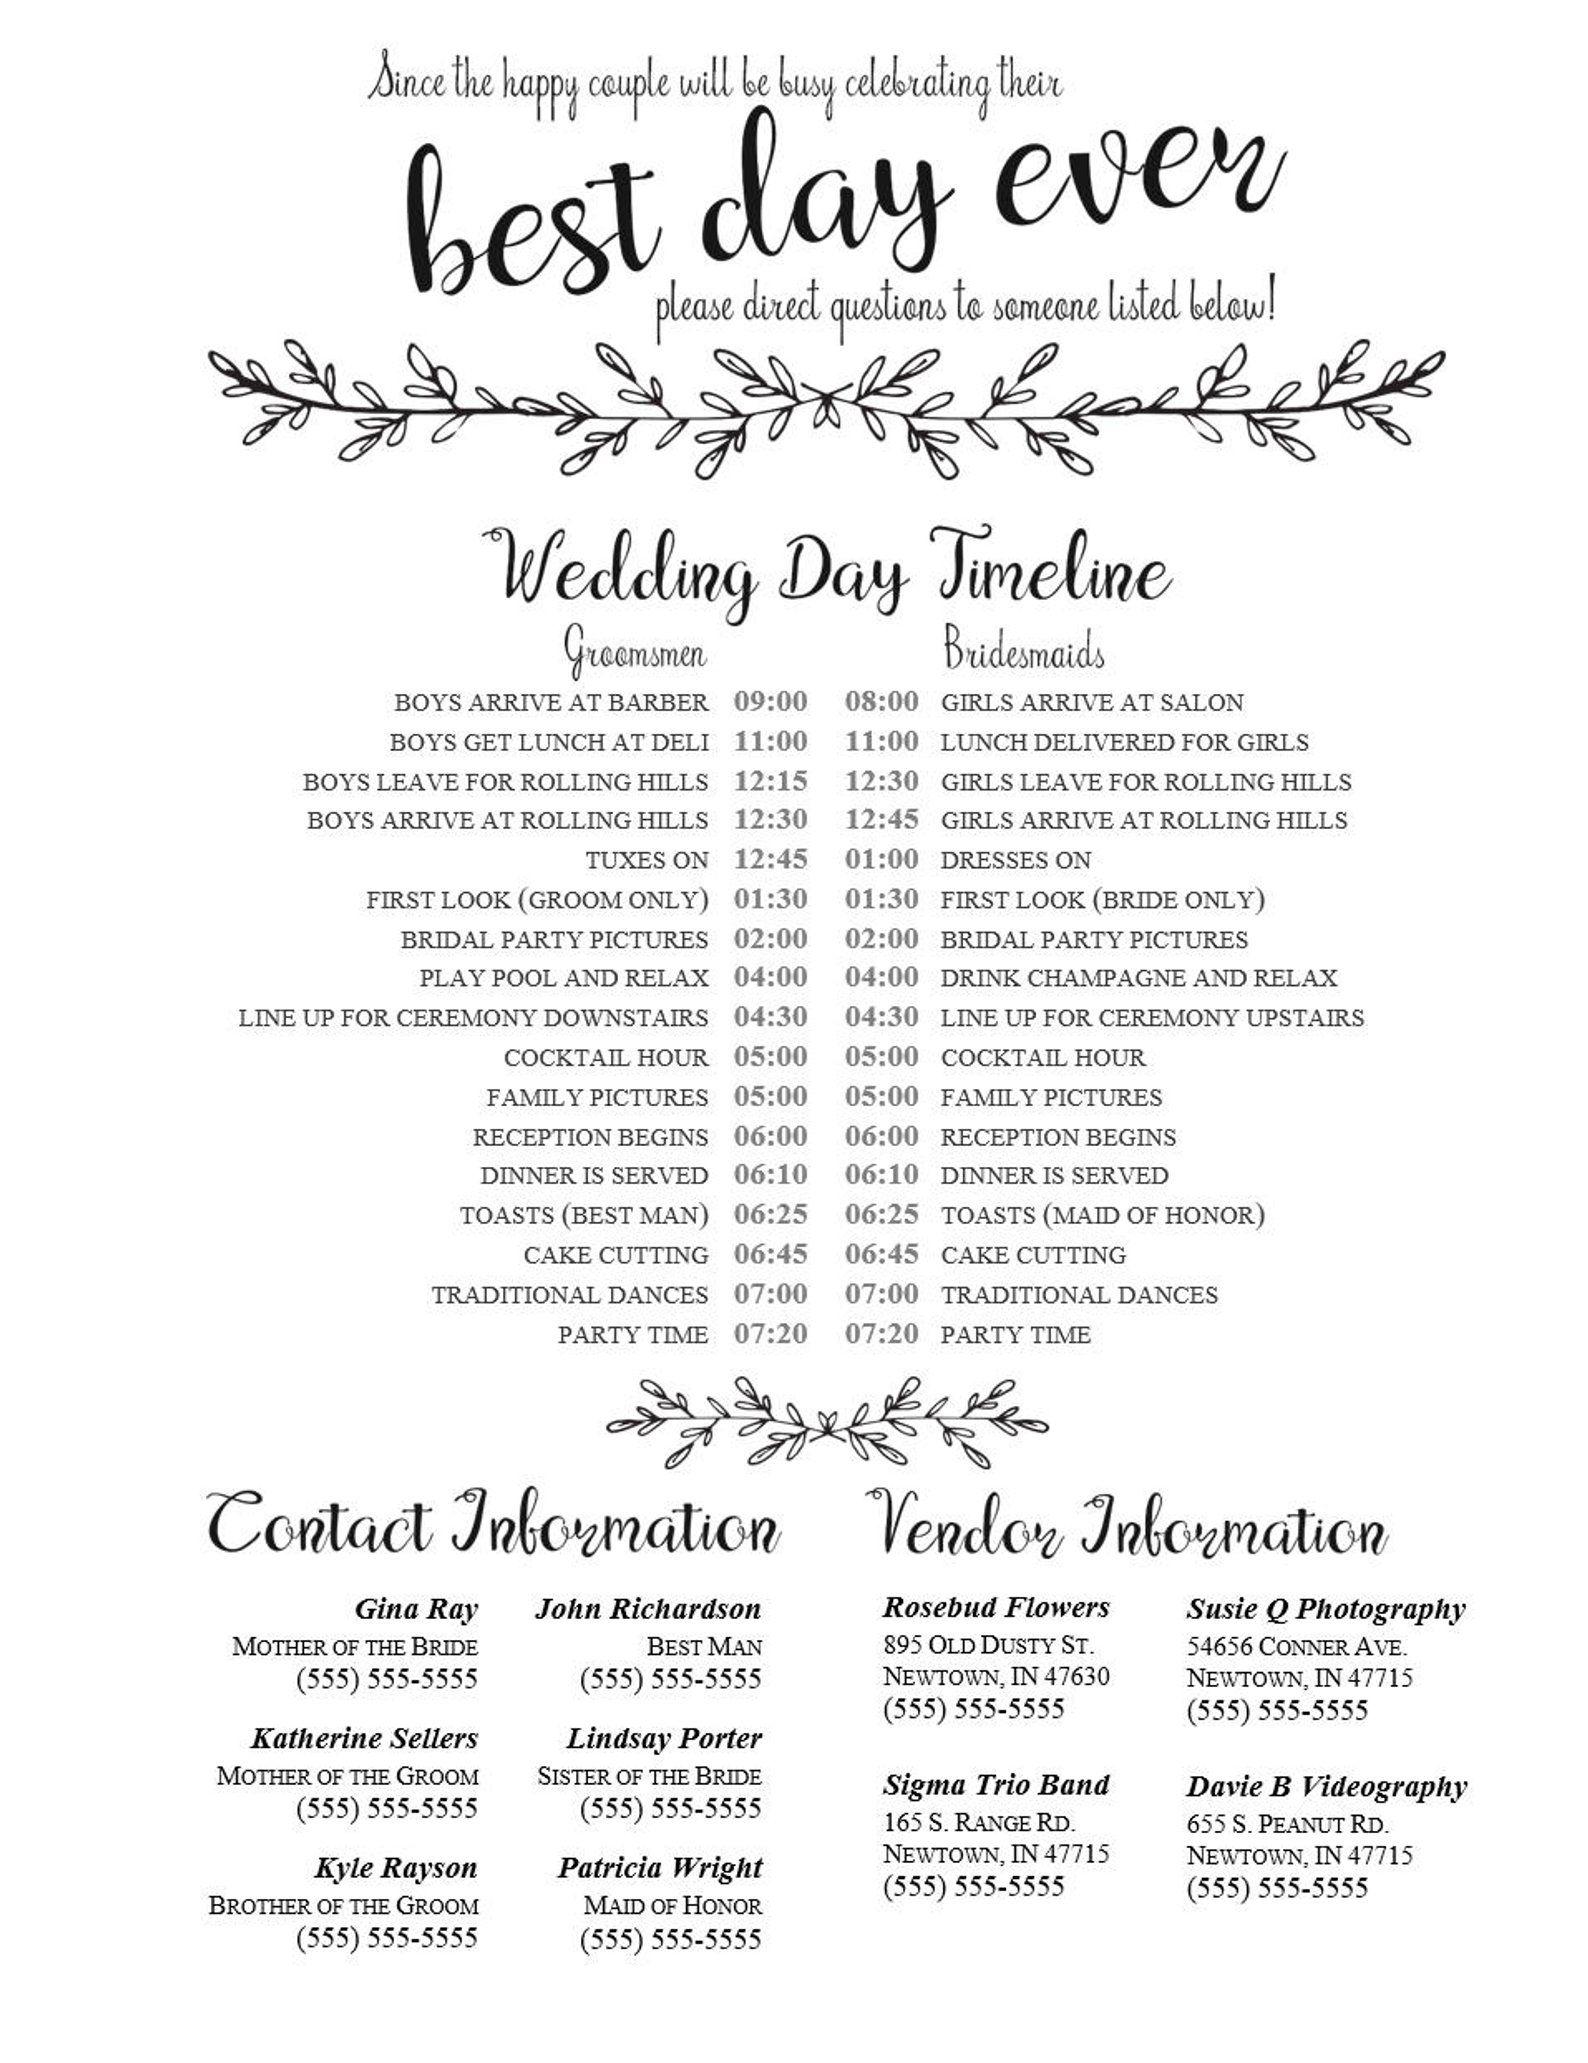 Editable Wedding Timeline Edit in Word Phone numbers